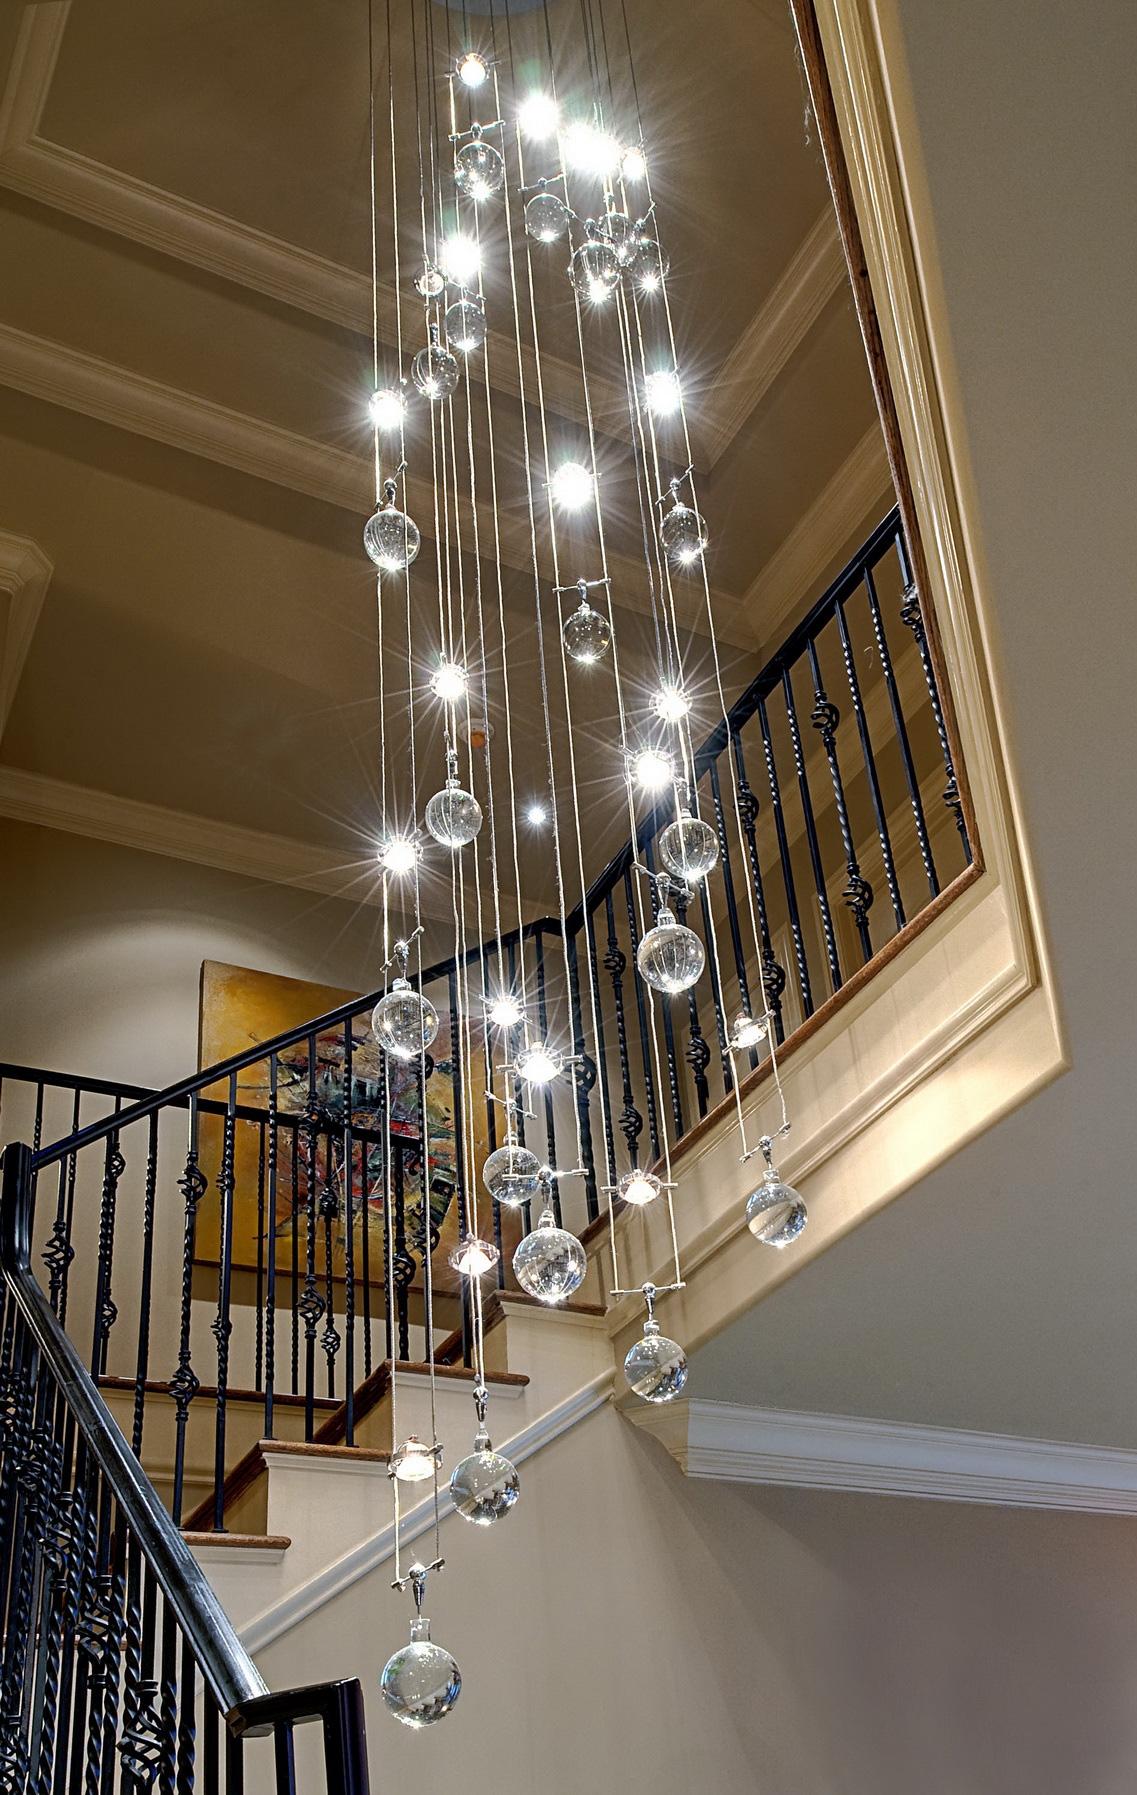 53 Modern Chandelier Lighting Chromecrystalmetal Bubble Shade In Modern Light Chandelier (Image 1 of 15)